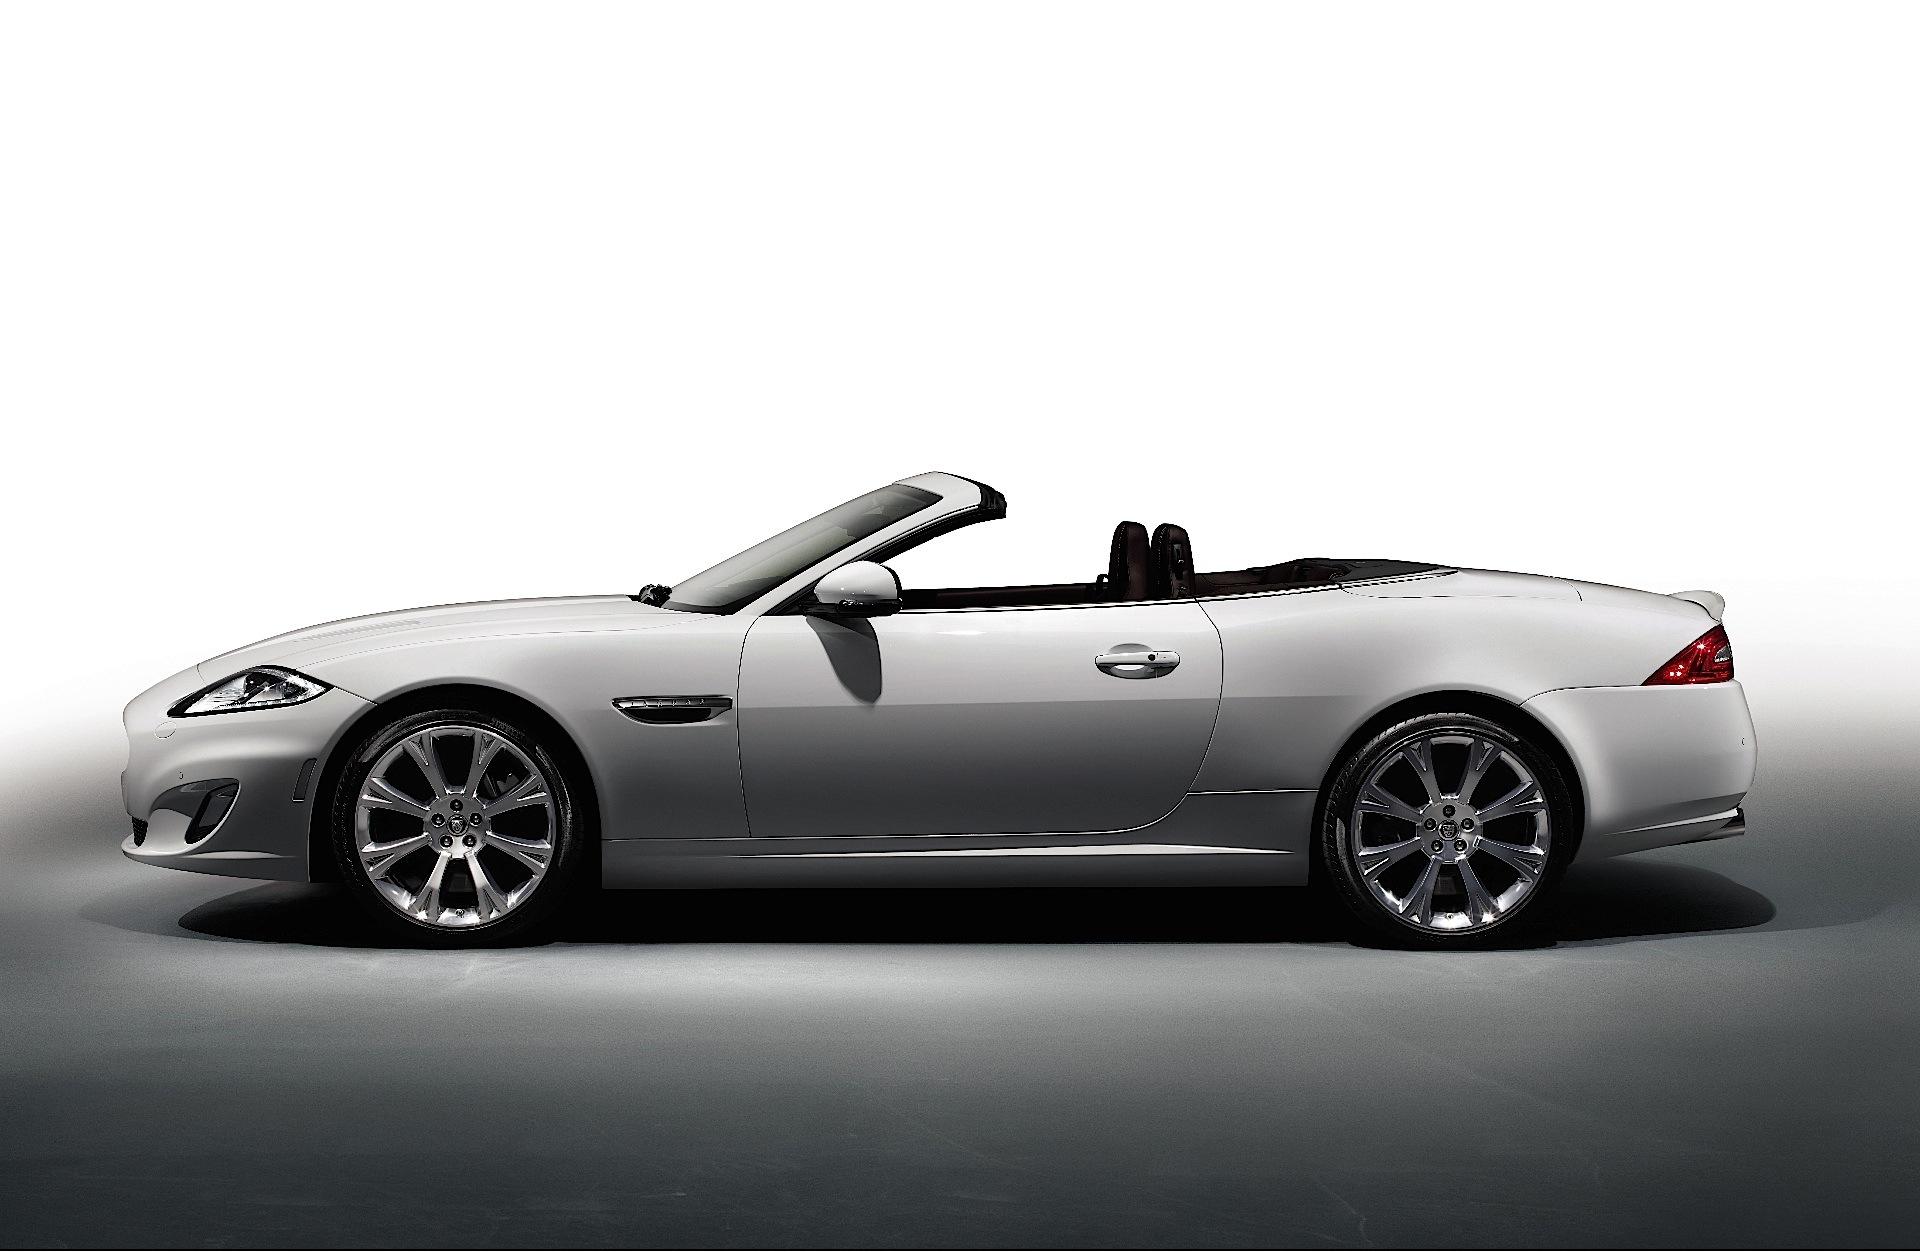 Jaguar Xkr Convertible 14 Detroit Auto Show Car Gallery